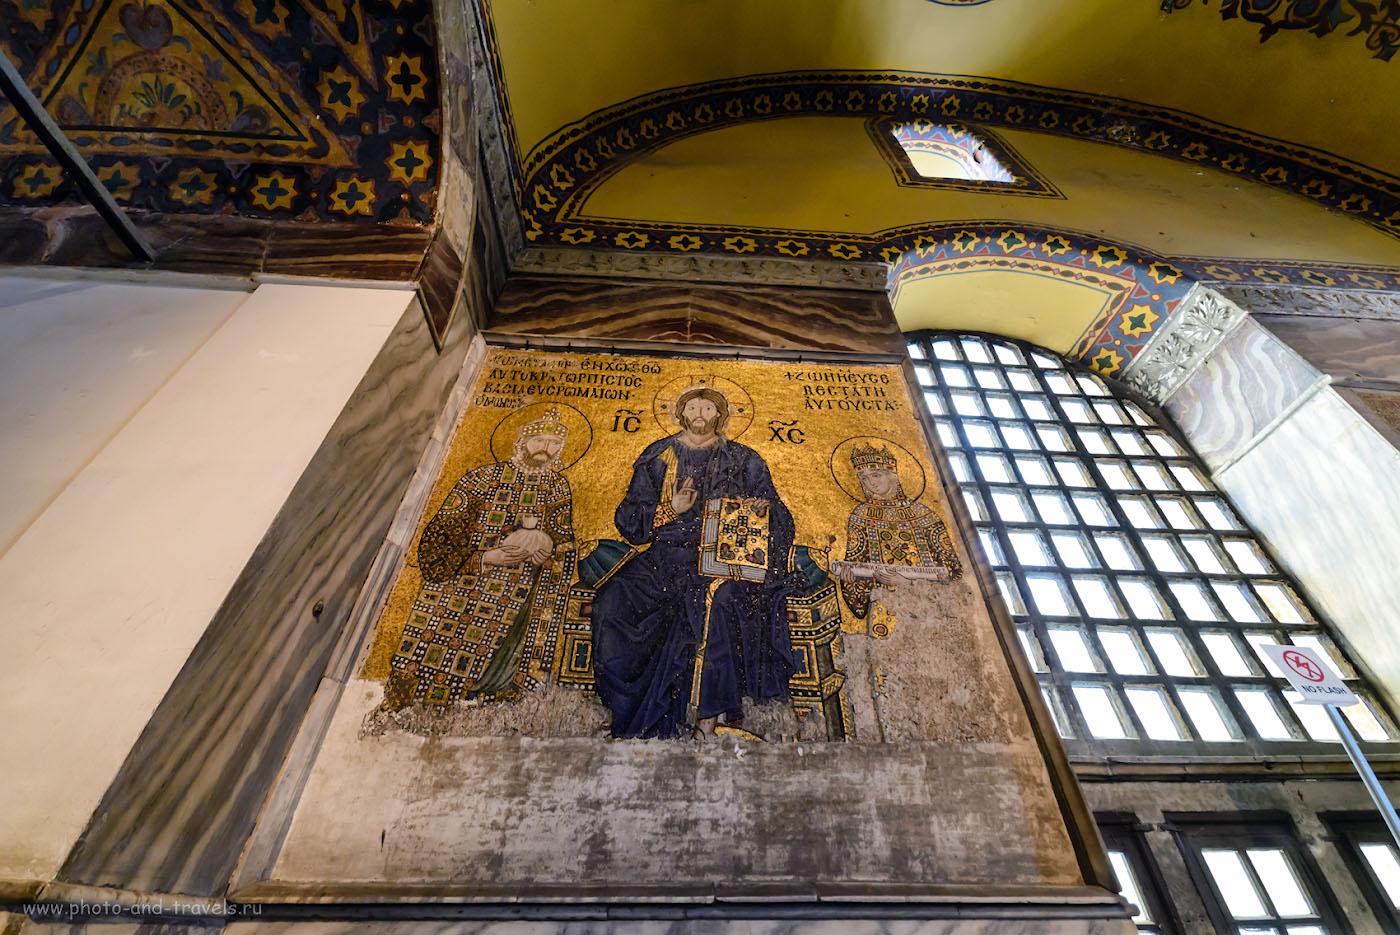 Фото 29. Мозаика «императрица Зоя». Датируется XI веком. Отзывы об экскурсии в Стамбуле. Поездка в Турцию самостоятельно. 1/25, 5.6, 3200, 14.